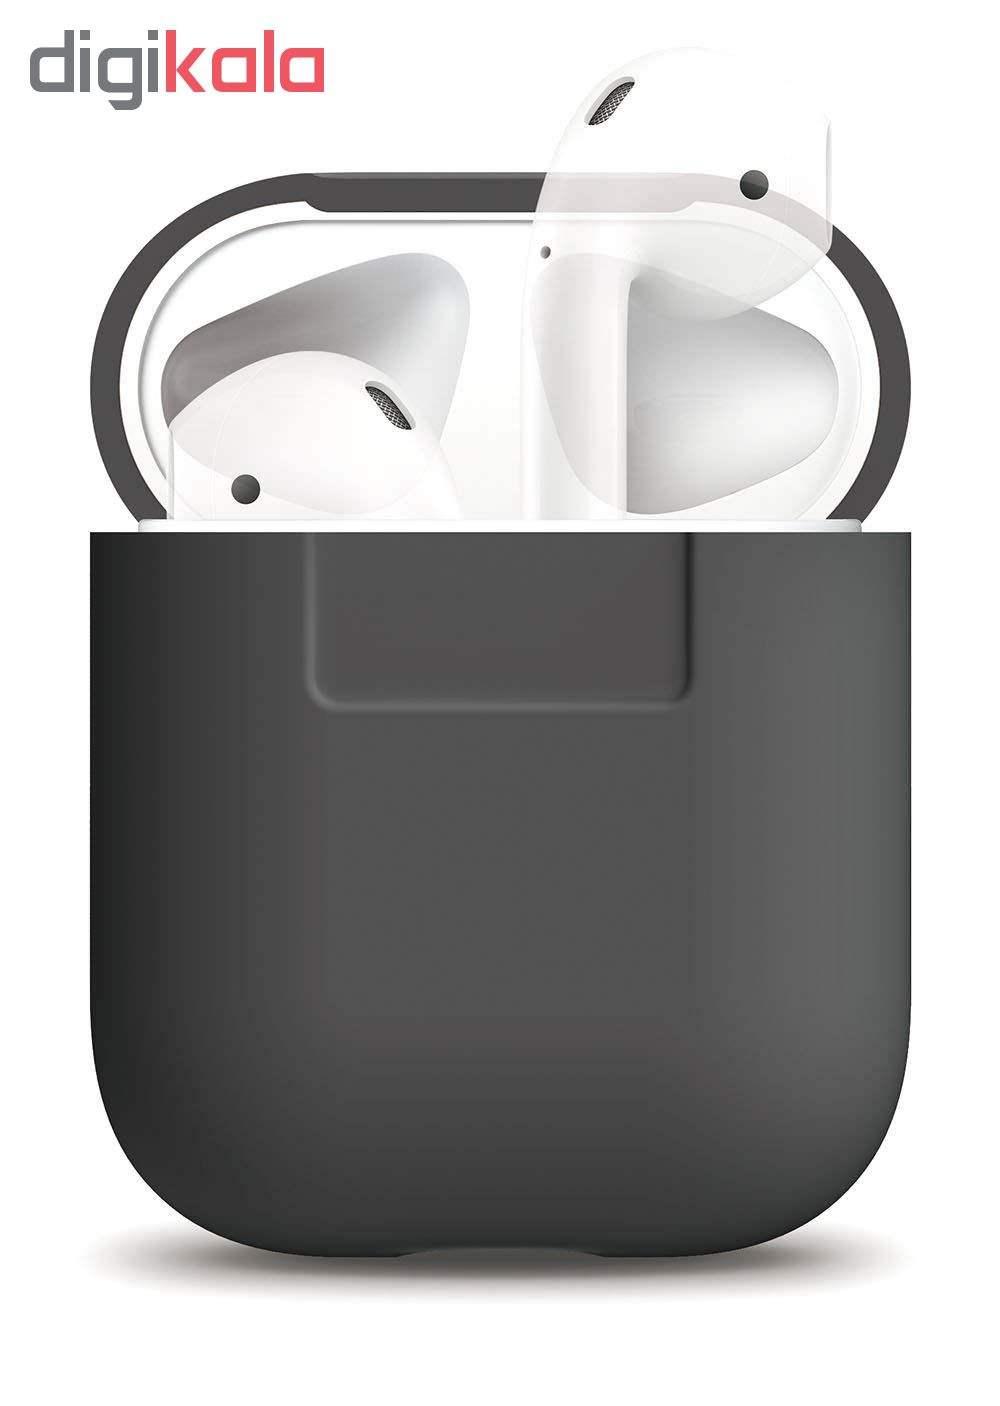 کاور محافظ سیلیکونی الاگو مناسب برای کیس هدفون اپل AirPods main 1 6